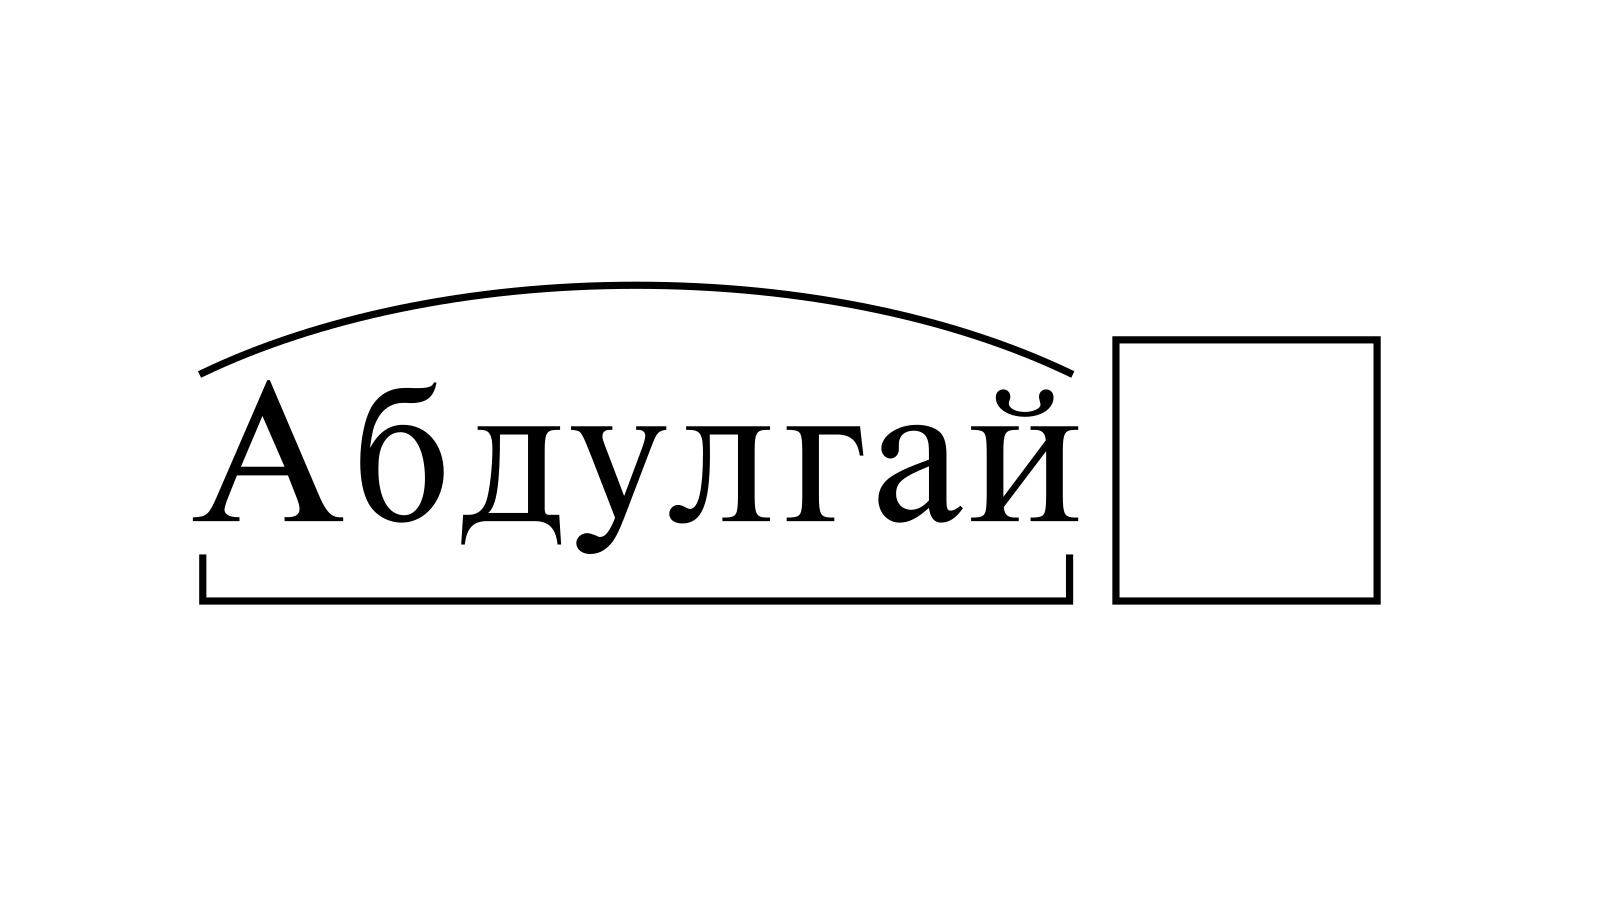 Разбор слова «Абдулгай» по составу